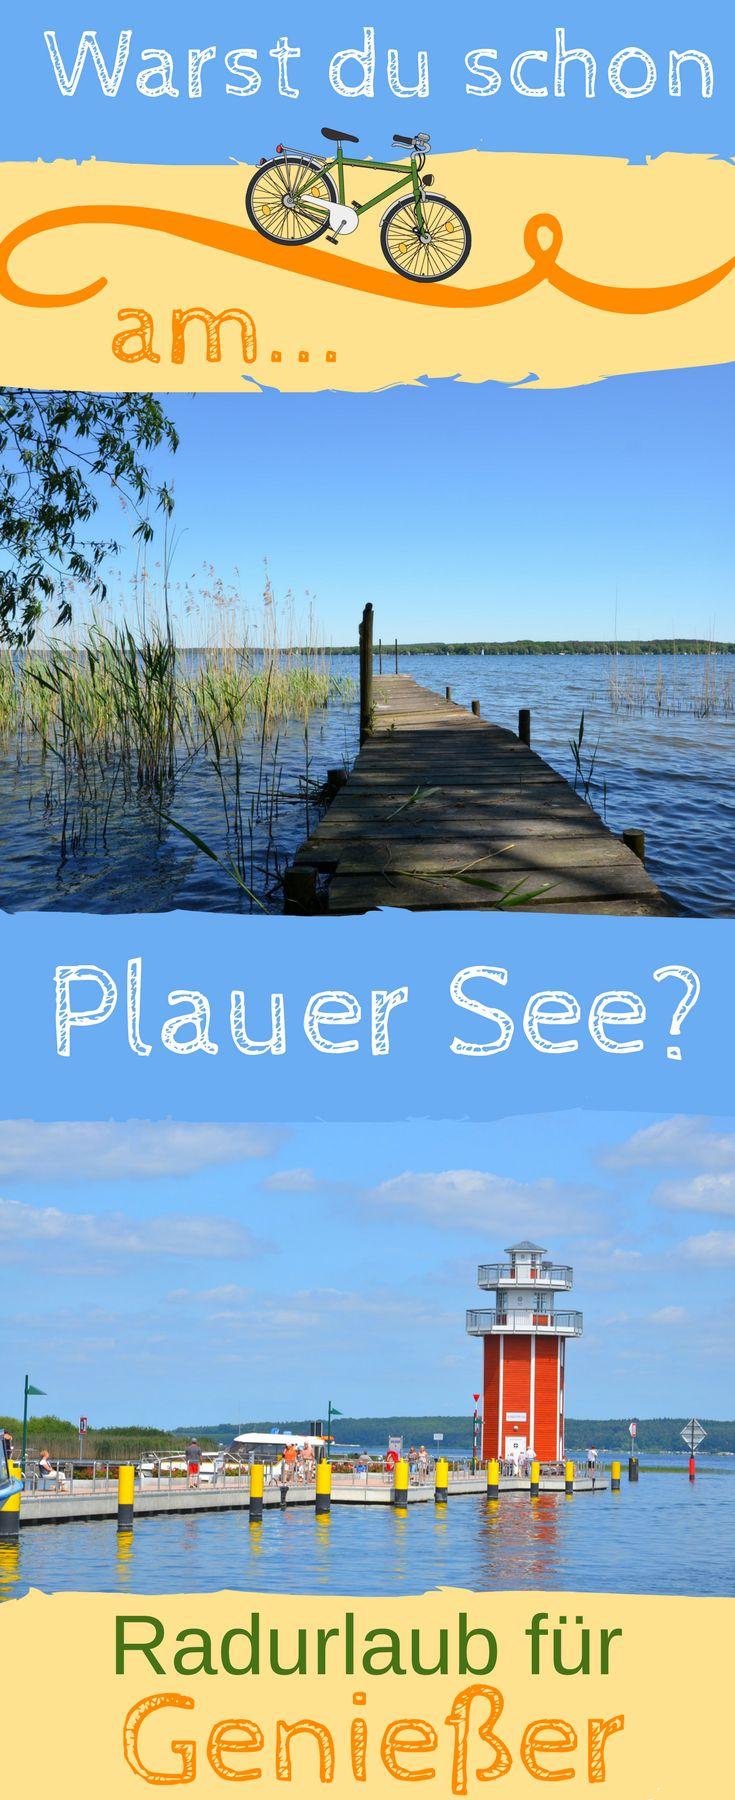 Die Radrundfahrt Mecklenburger Seentour beginnt im Westen der Mecklenburgischen Seenplatte am Plauer See